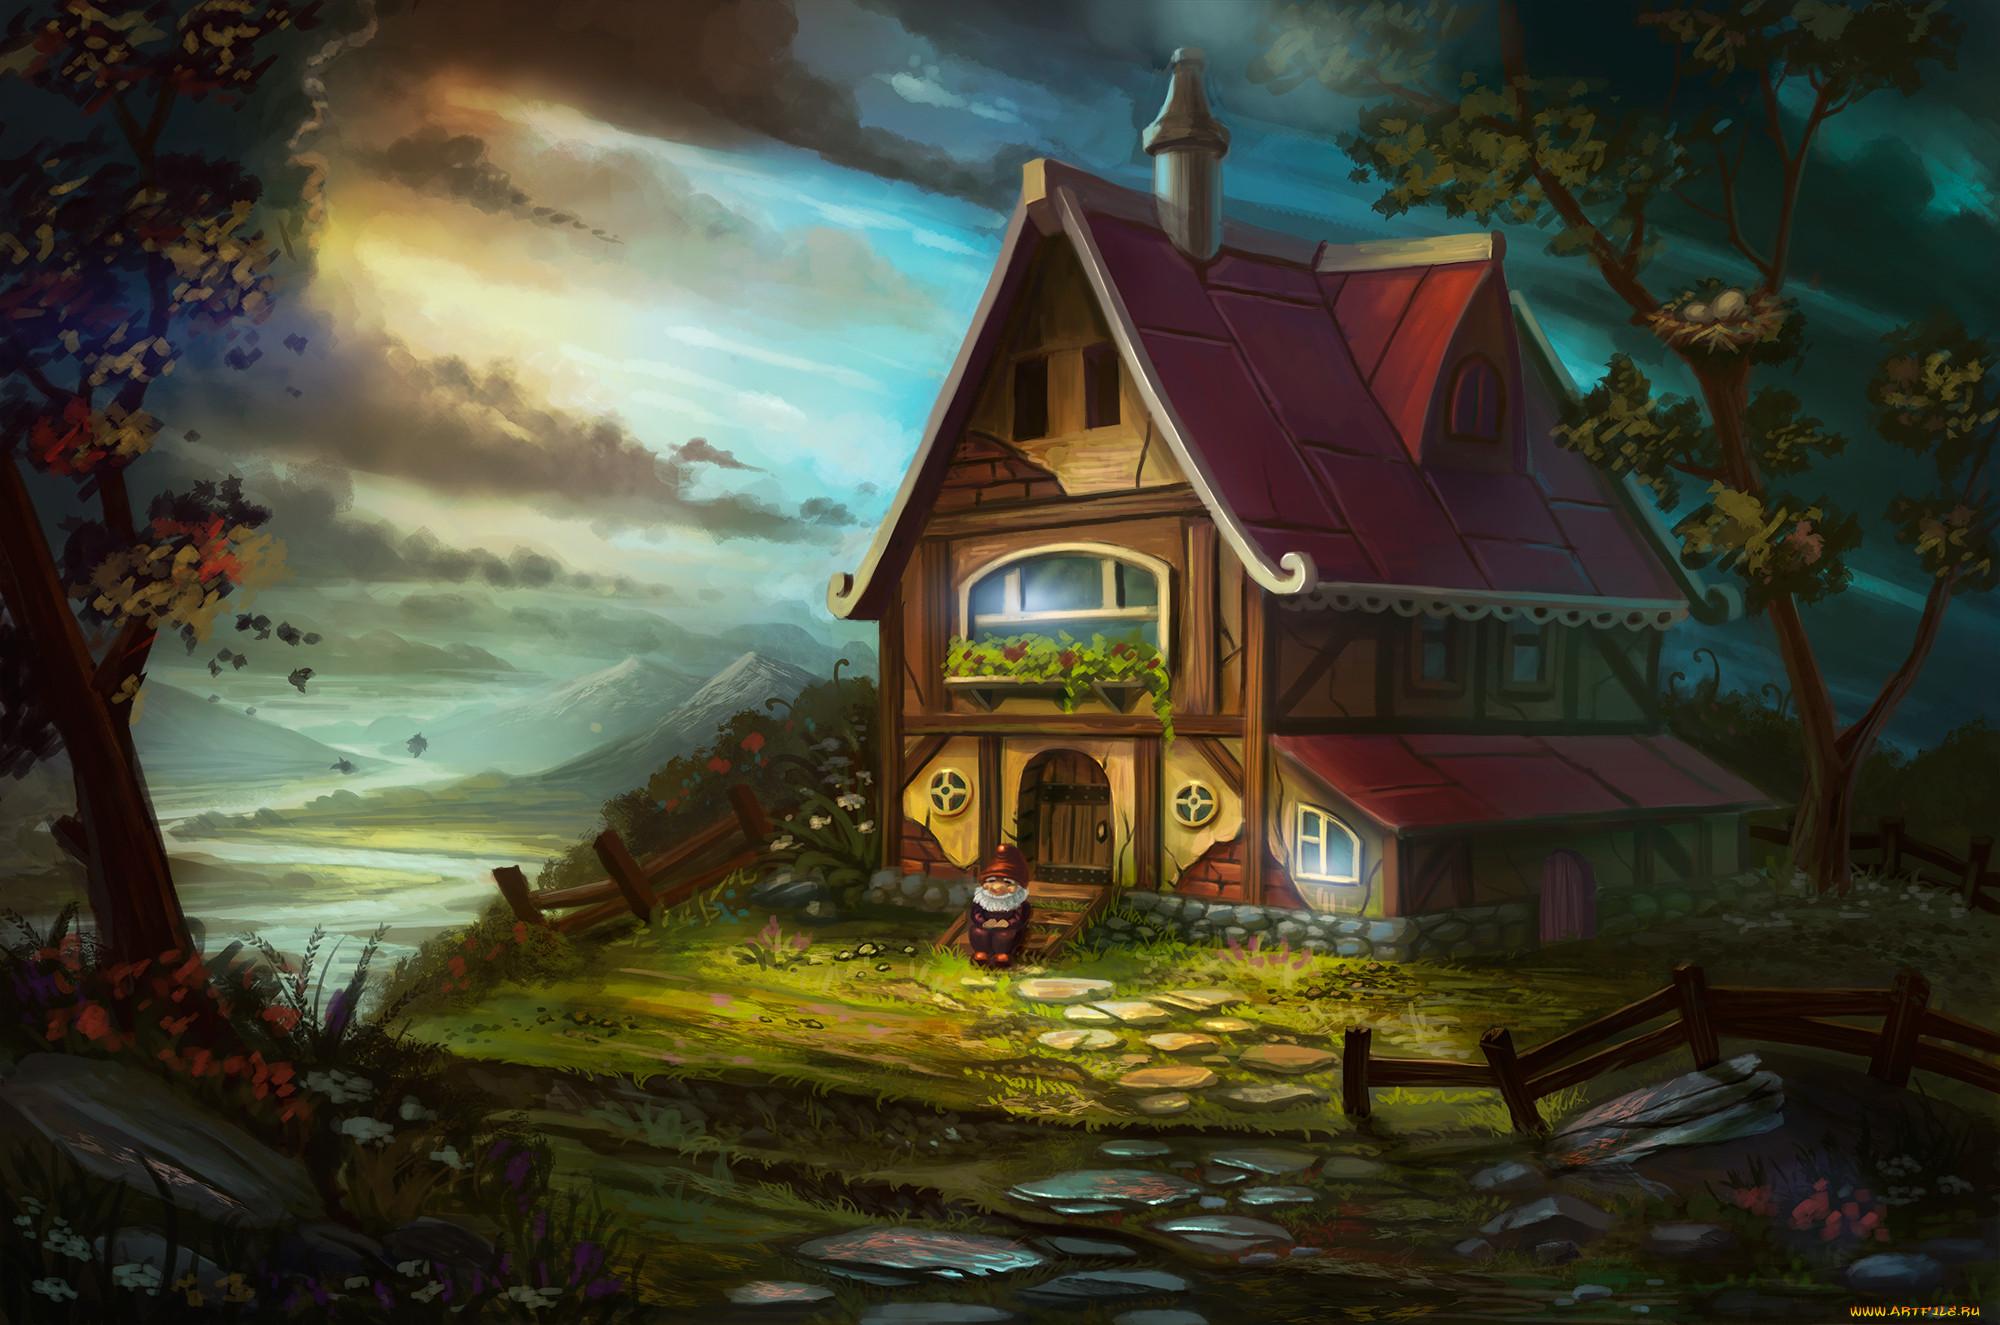 Картинки домиков из мультфильмов